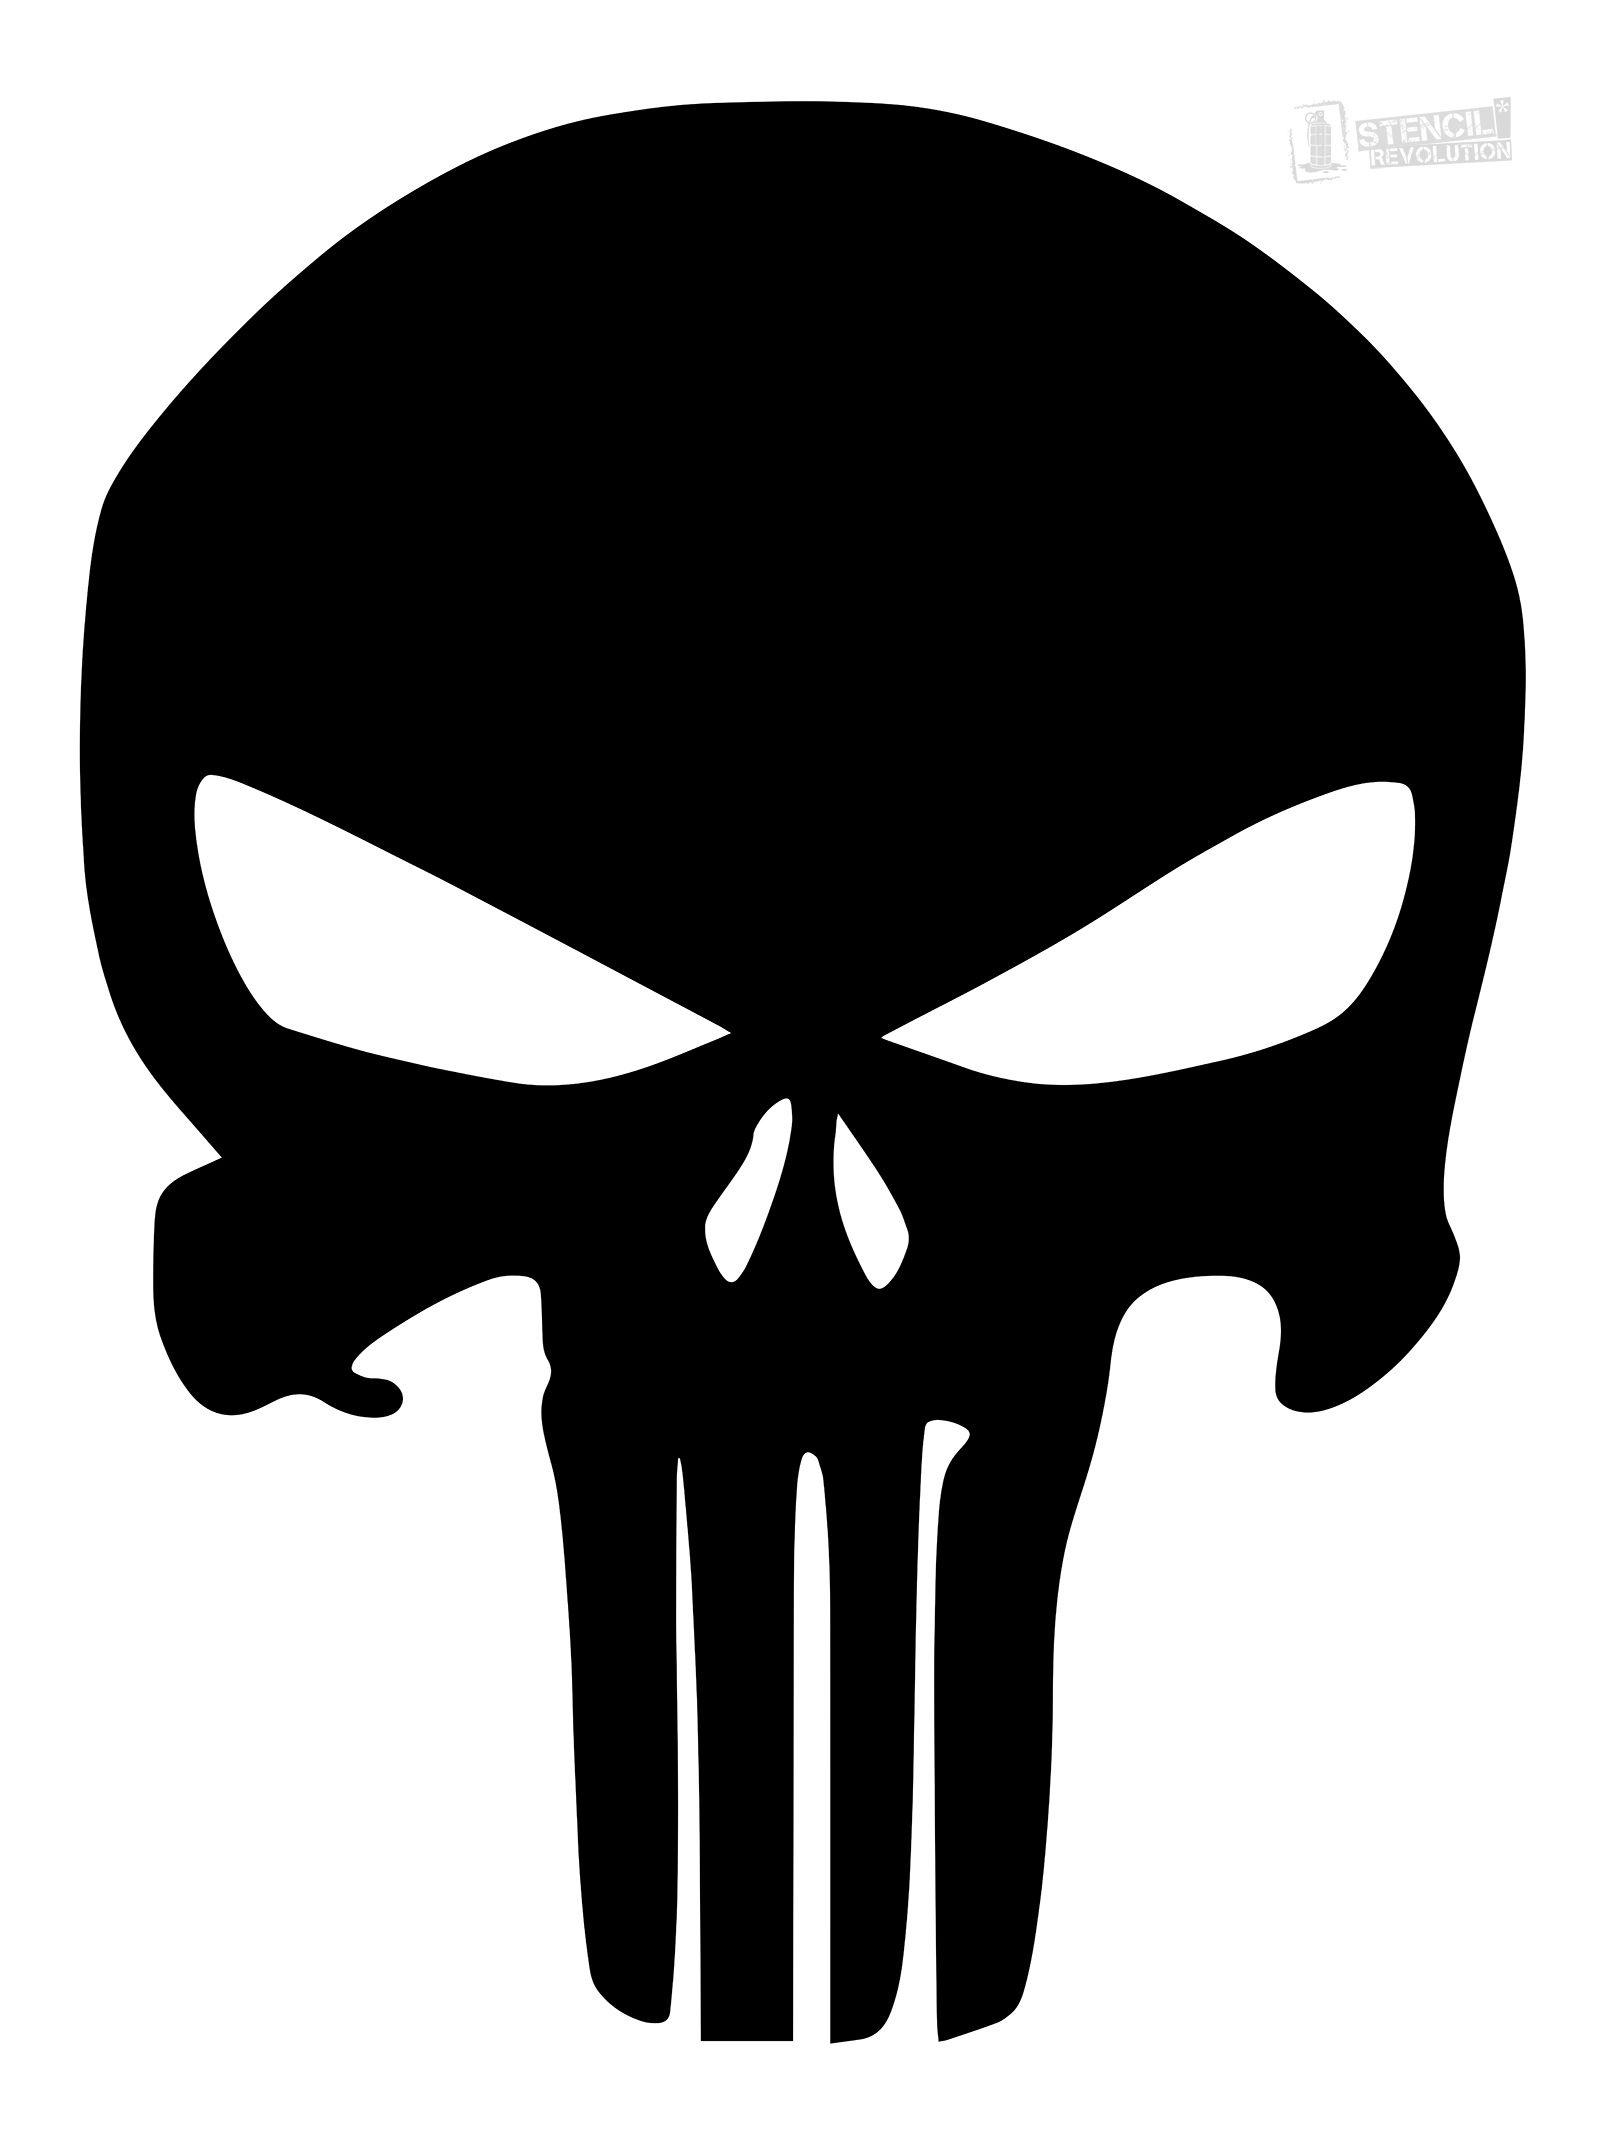 Punisher Skull Stencil | Firearms | Skull Stencil, Printable Stencil - Skull Stencils Free Printable